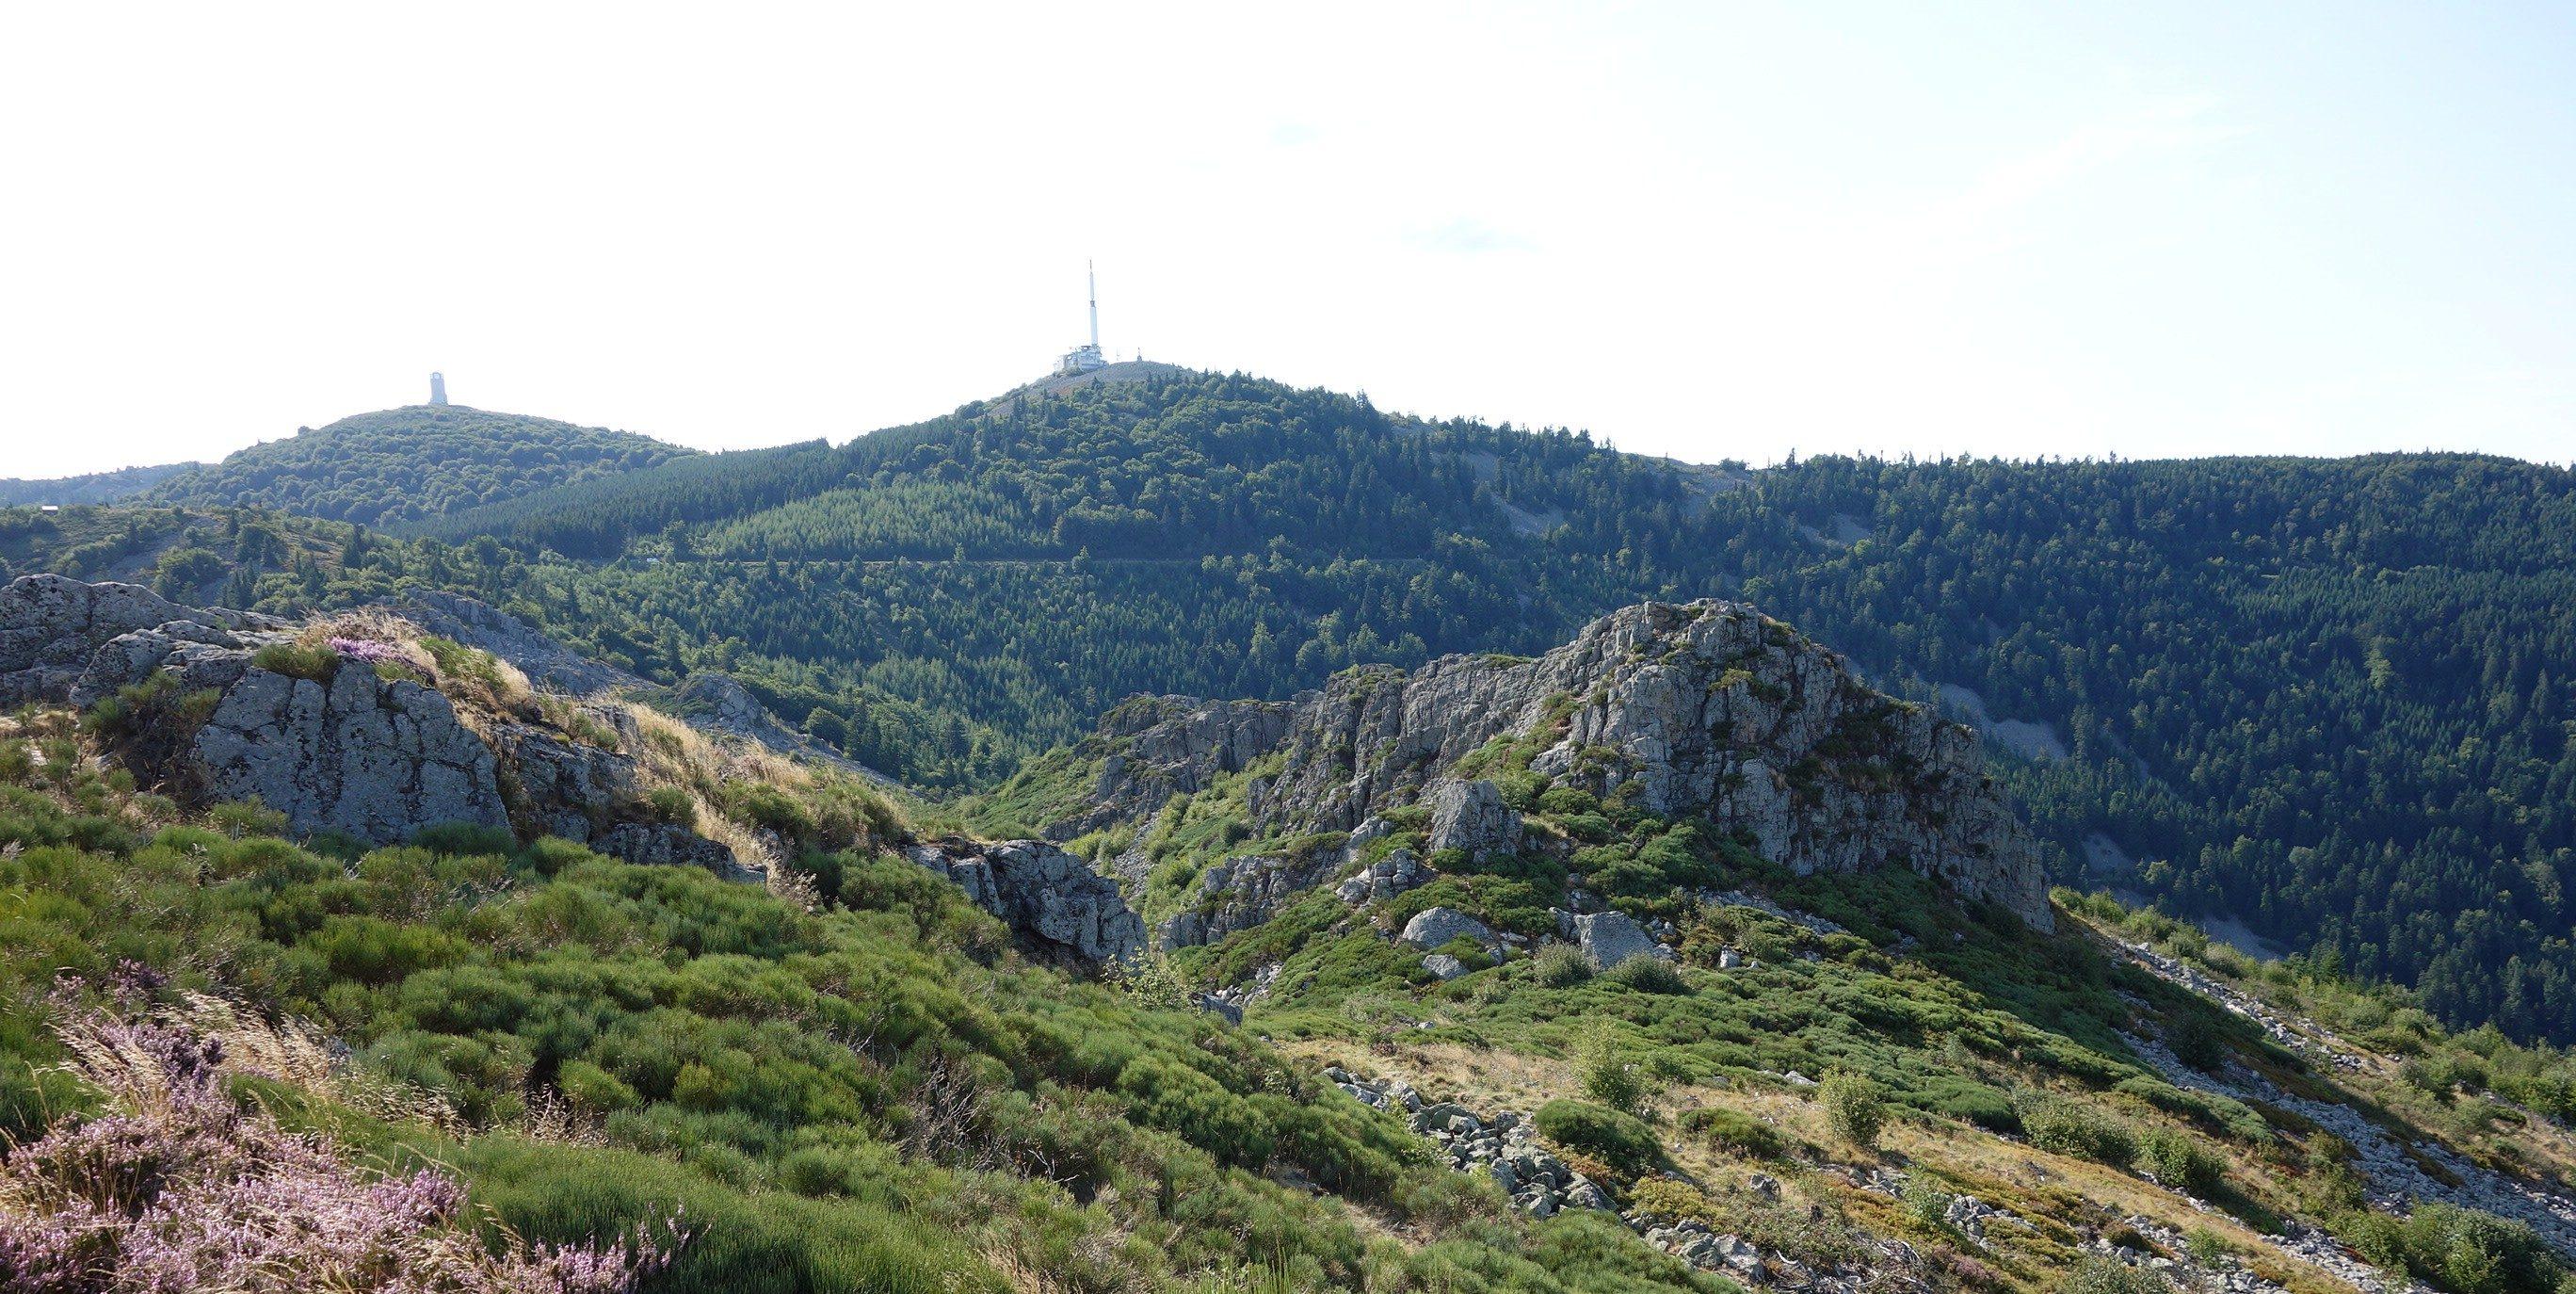 Randonnée itinérante dans le Pilat : 5 jours authentiques